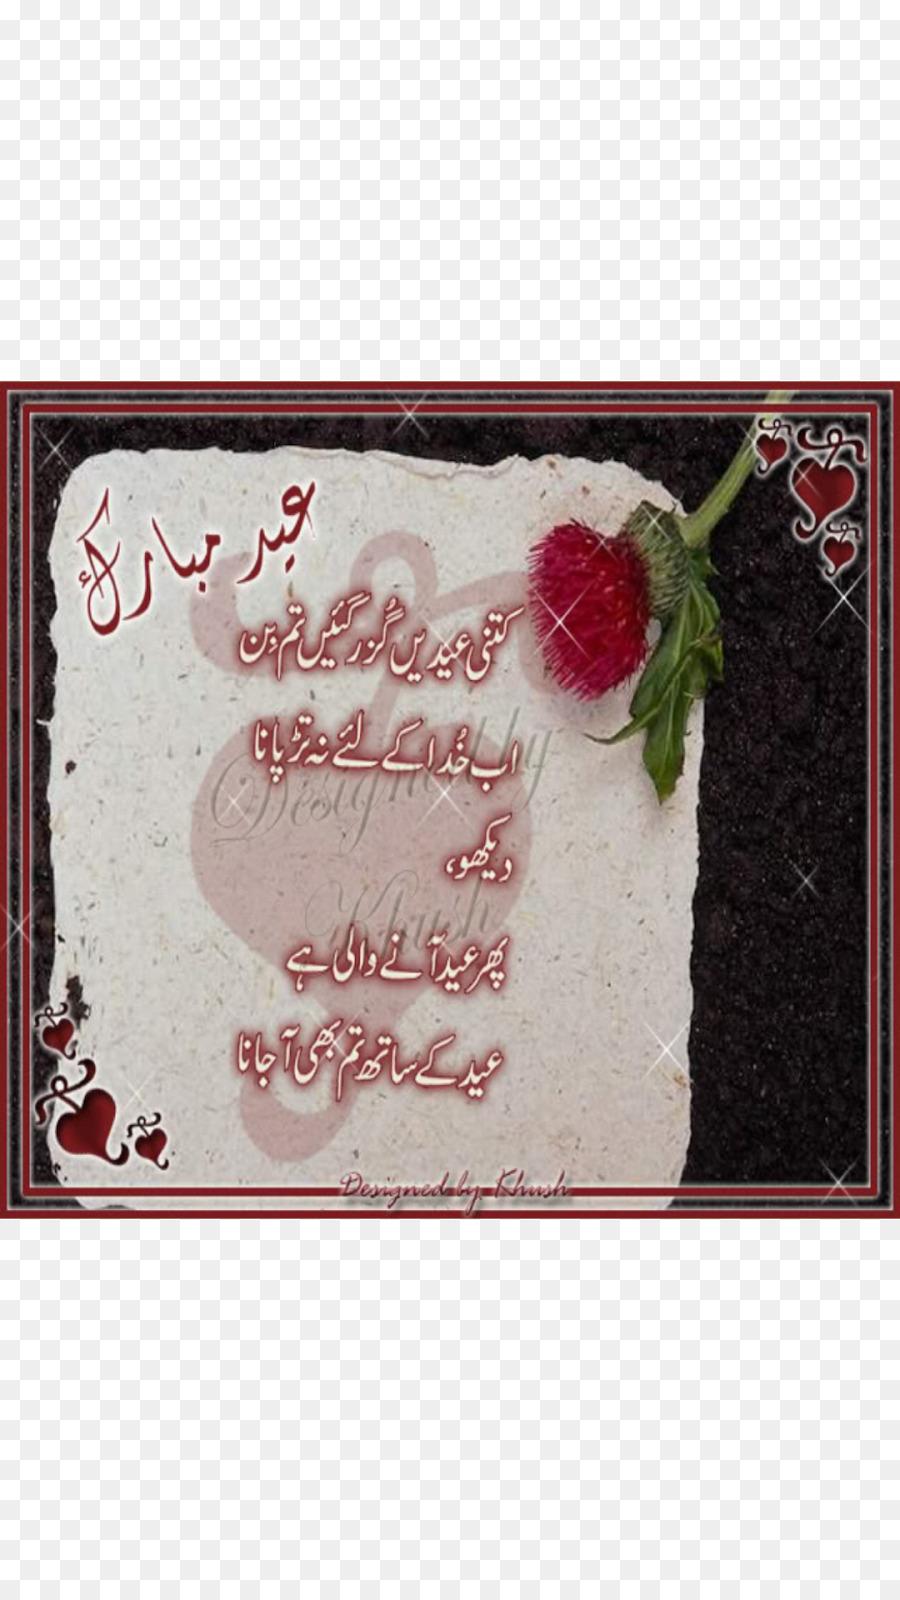 Urdu Poetry Sad Khuda Good Morning Poetry In Urdu Png Download